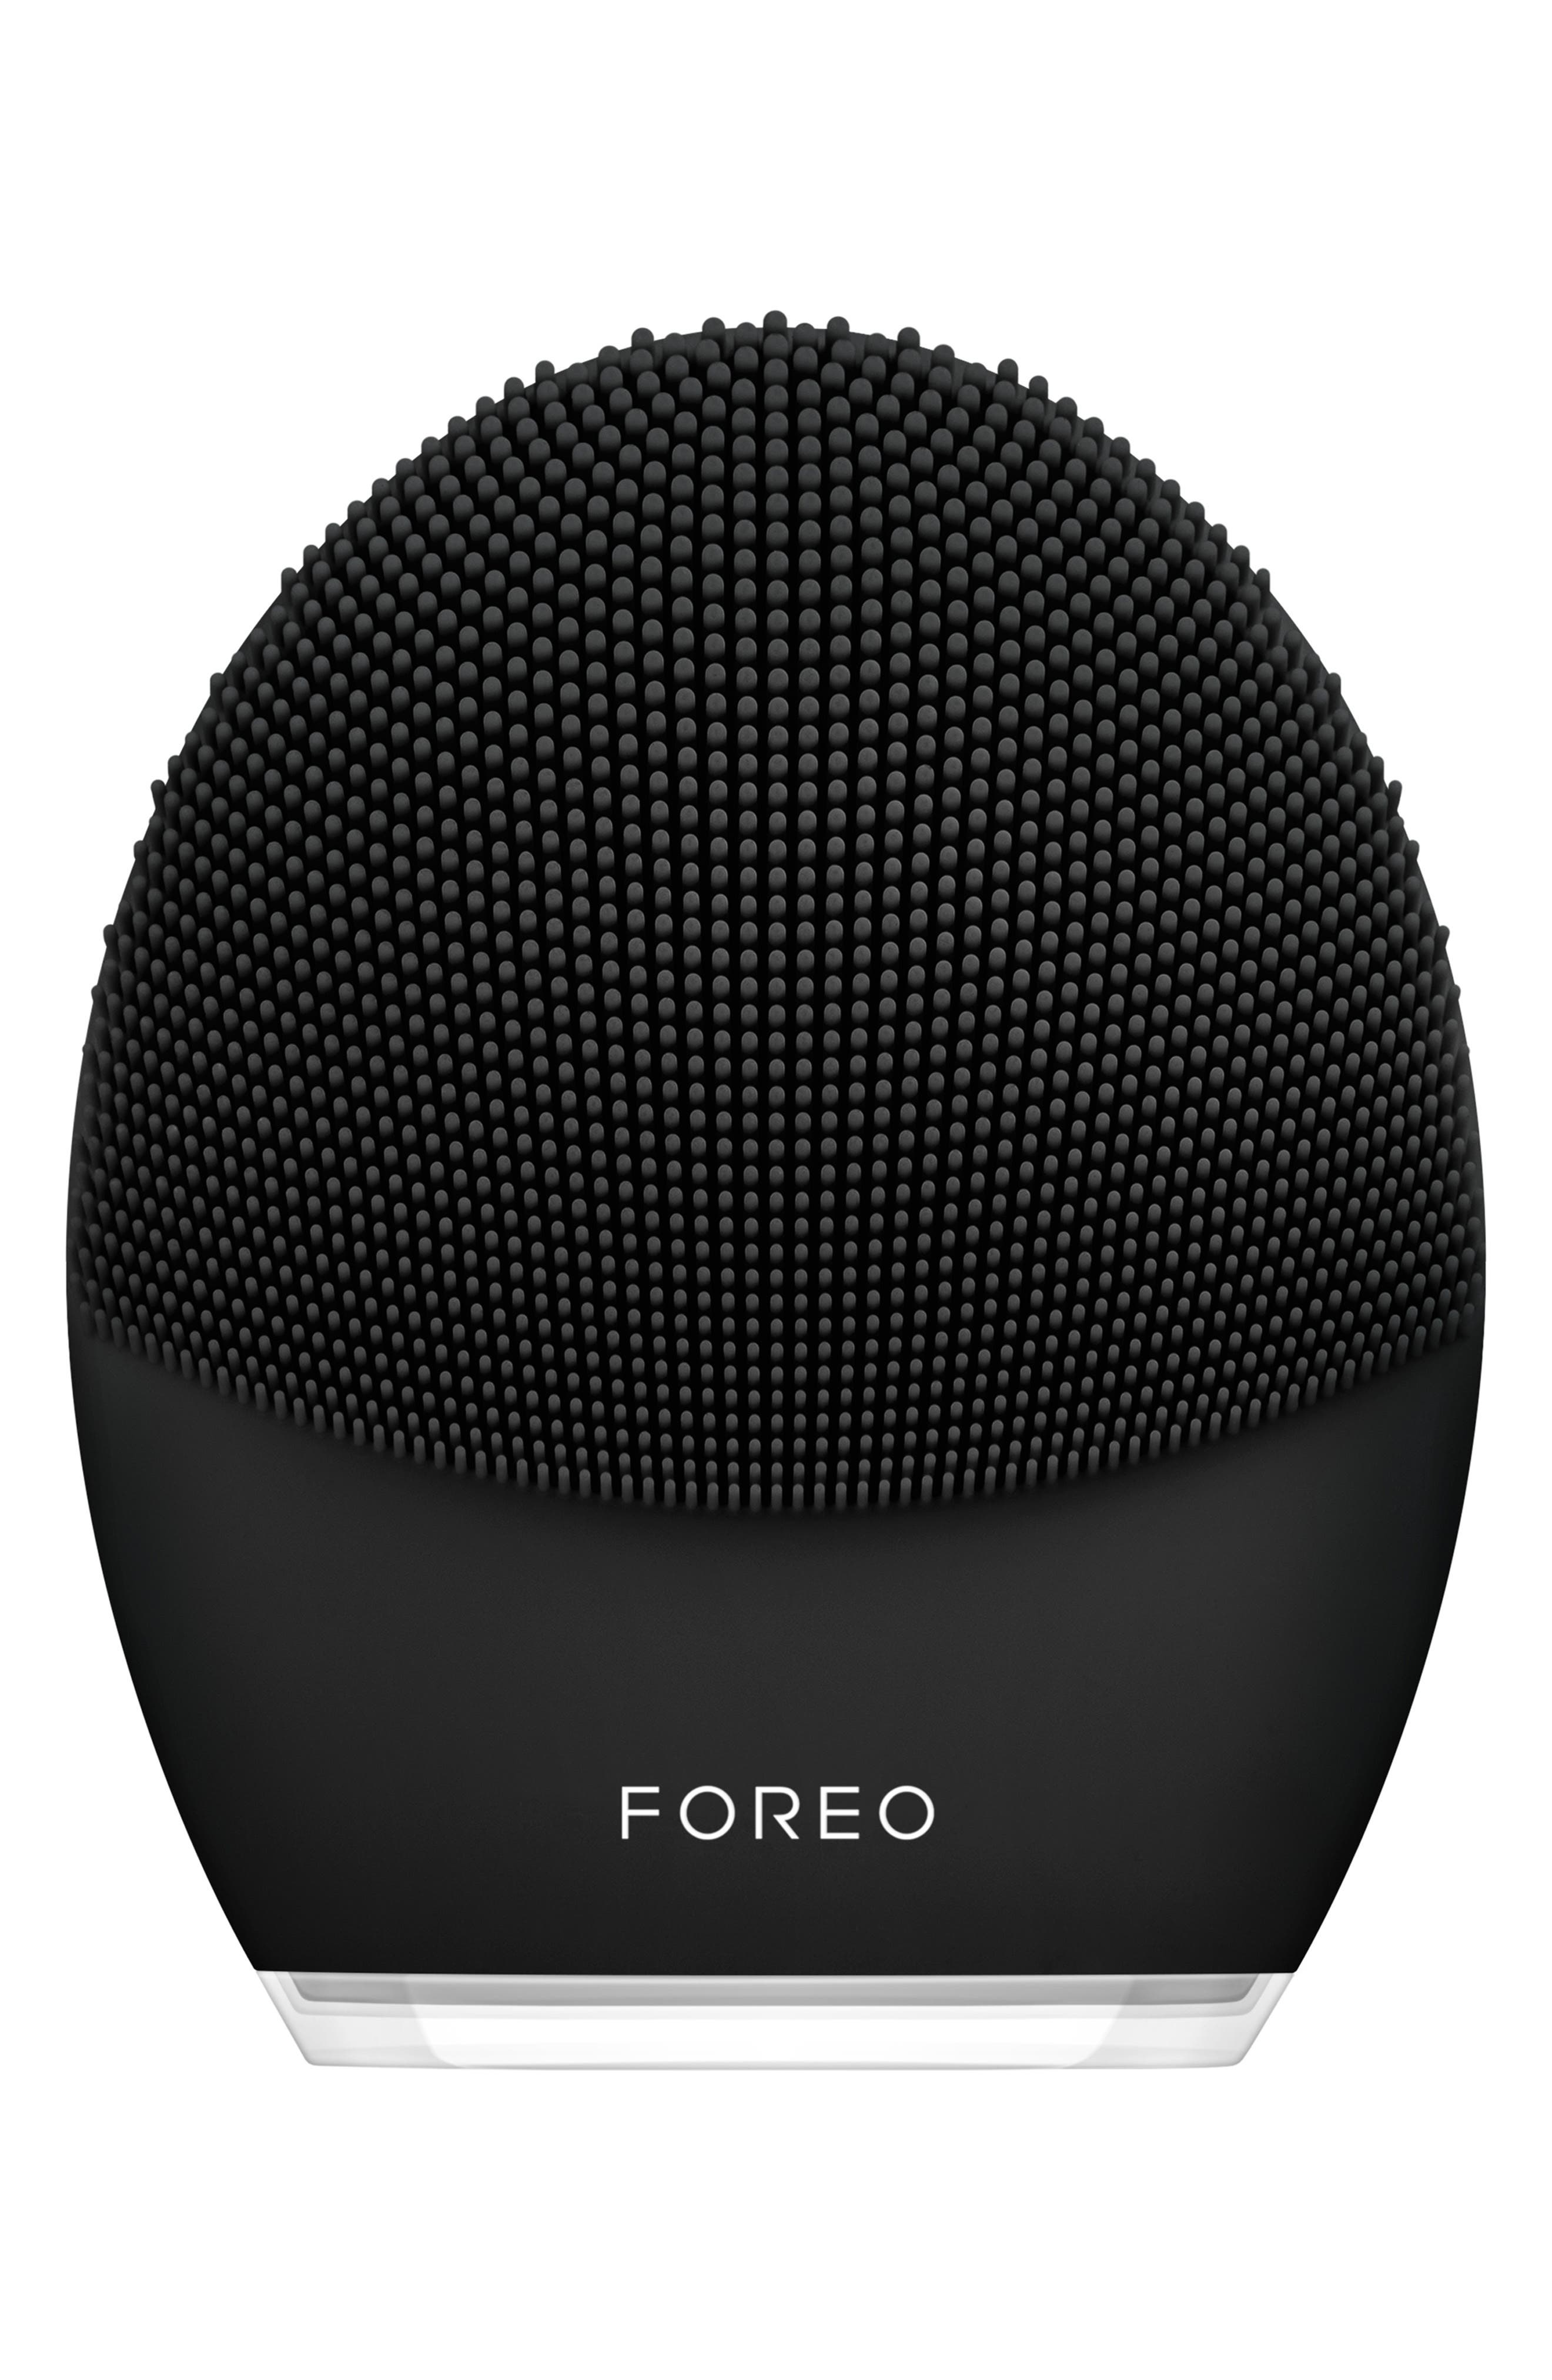 Luna(TM) 3 For Men Deep Facial Cleansing Tool